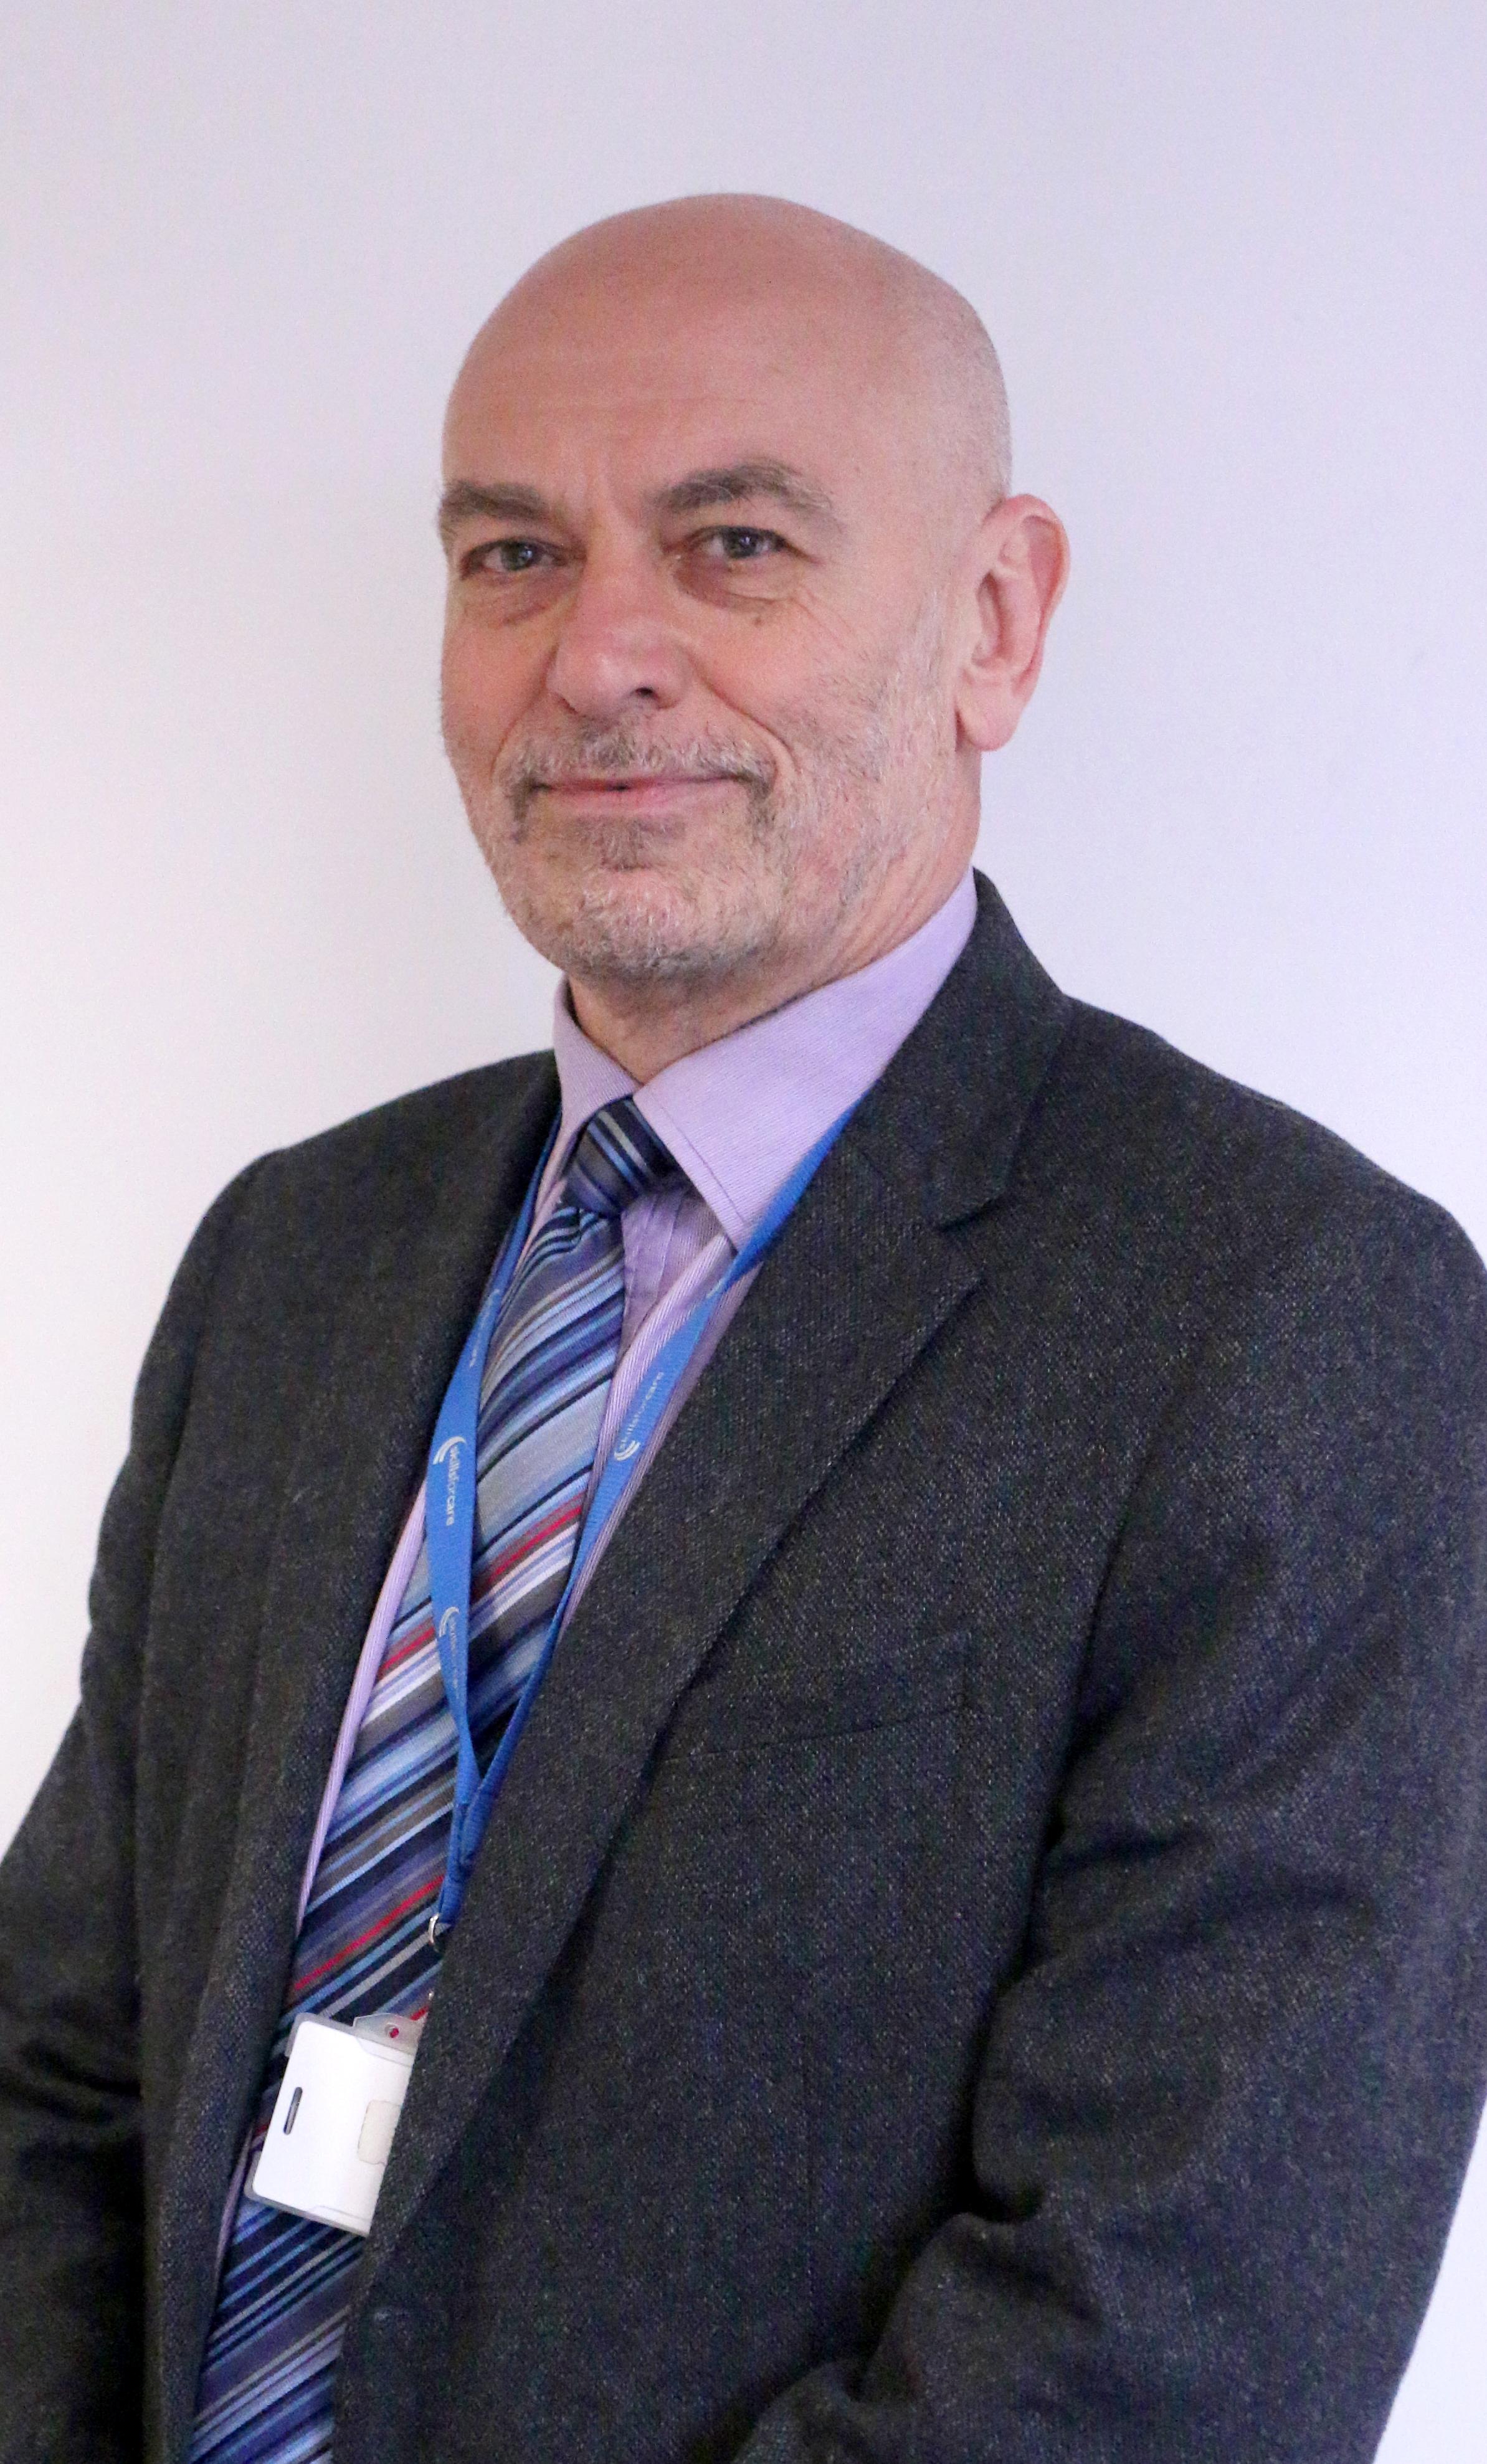 Andy Tilden